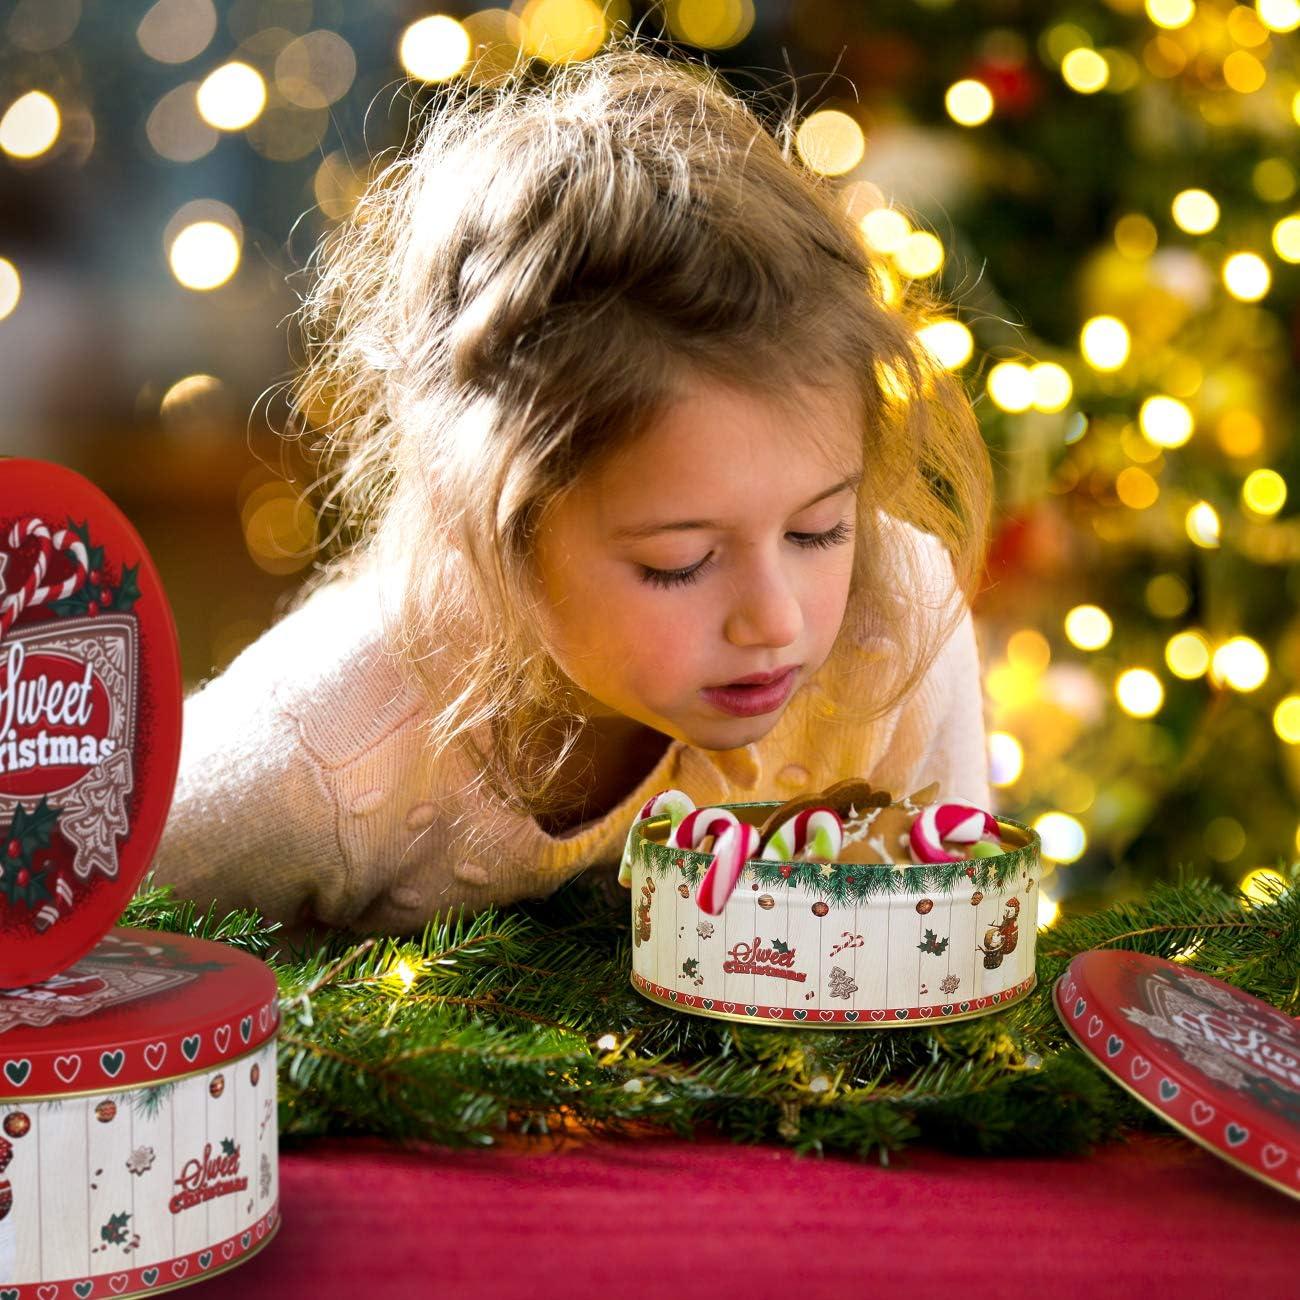 Gwhole Scatola di Latta di Natale Scatole Regalo Caramella Natalizi per Bambini Scatola di Caramelle di immagazzinaggio di Latta di Natale in 3 Diverse Dimensioni